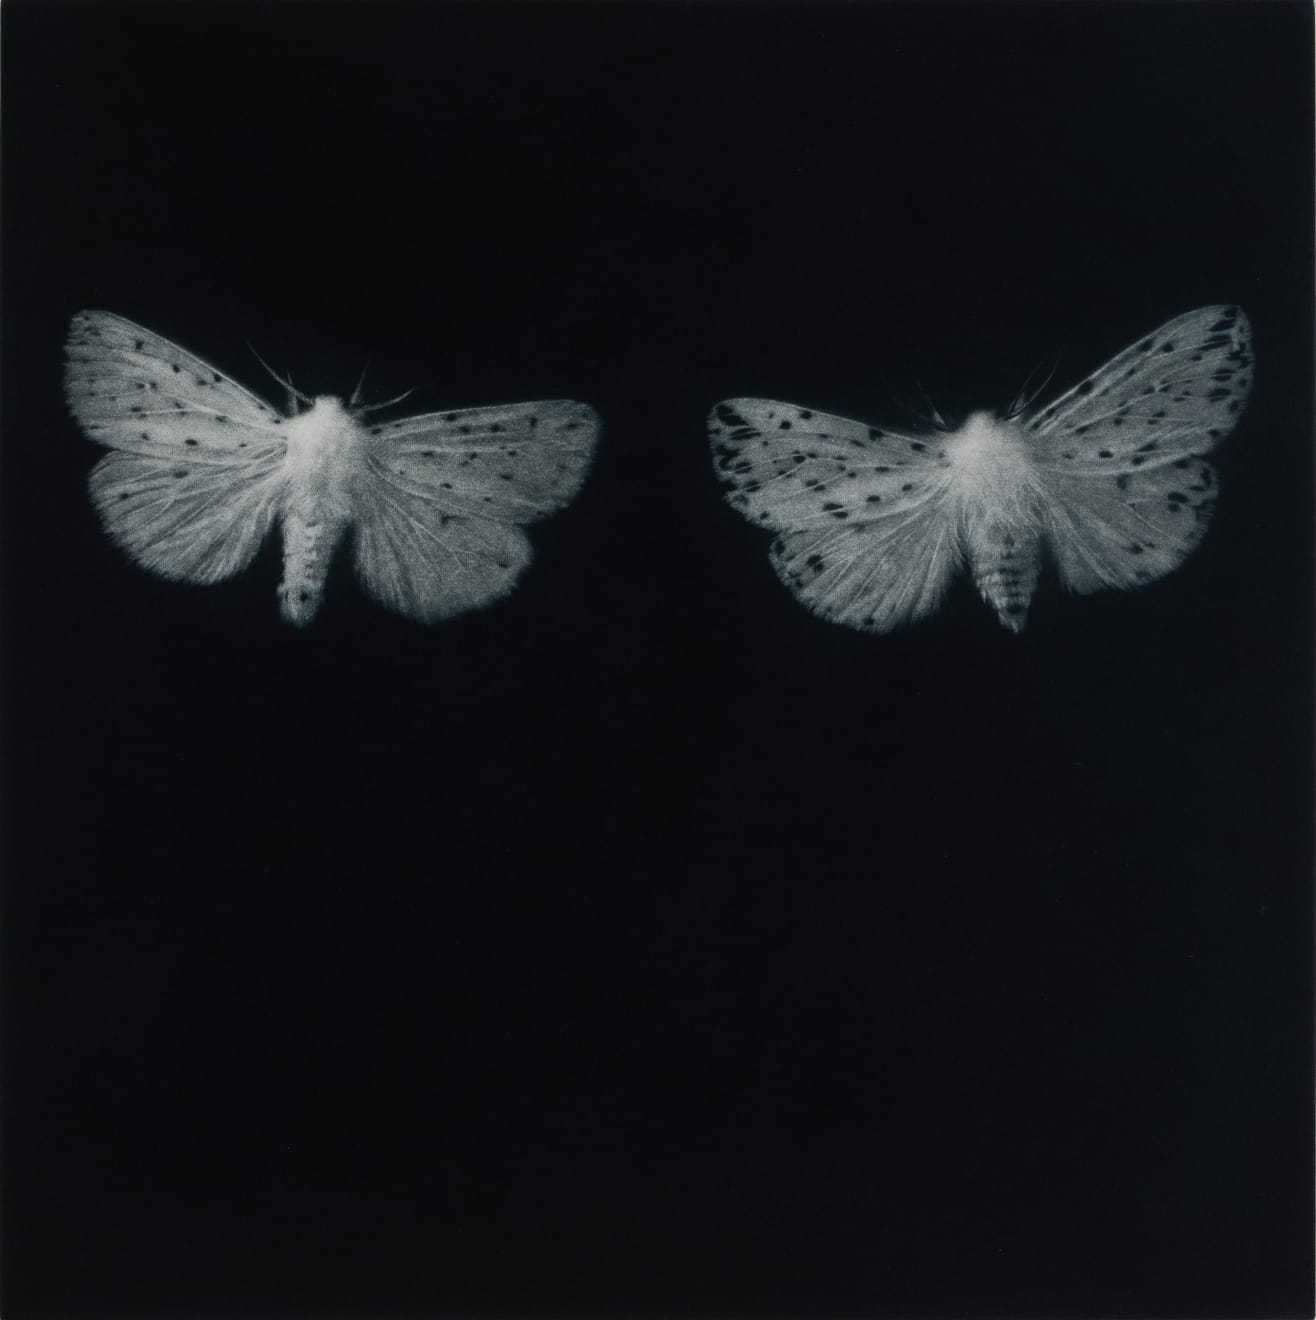 Sarah Gillespie, Ermine Moths, 2019